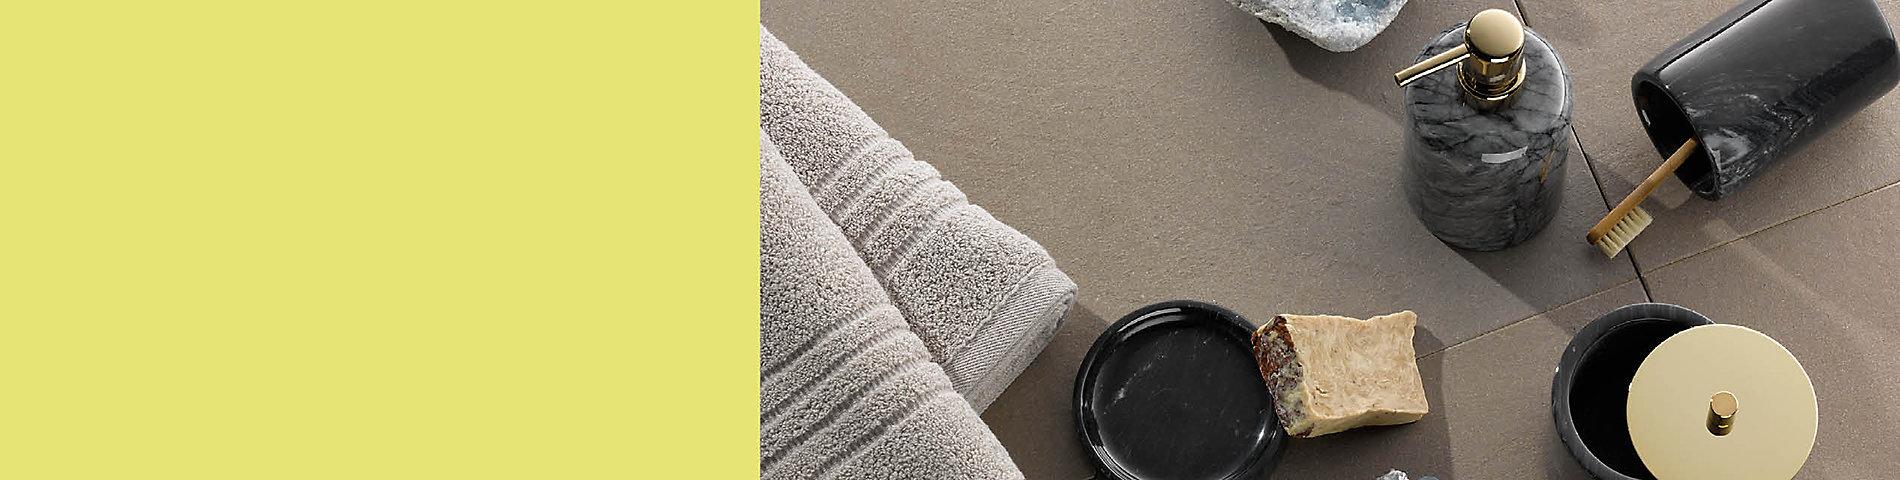 Luxuriös anmutende Badserie Liron von Kela